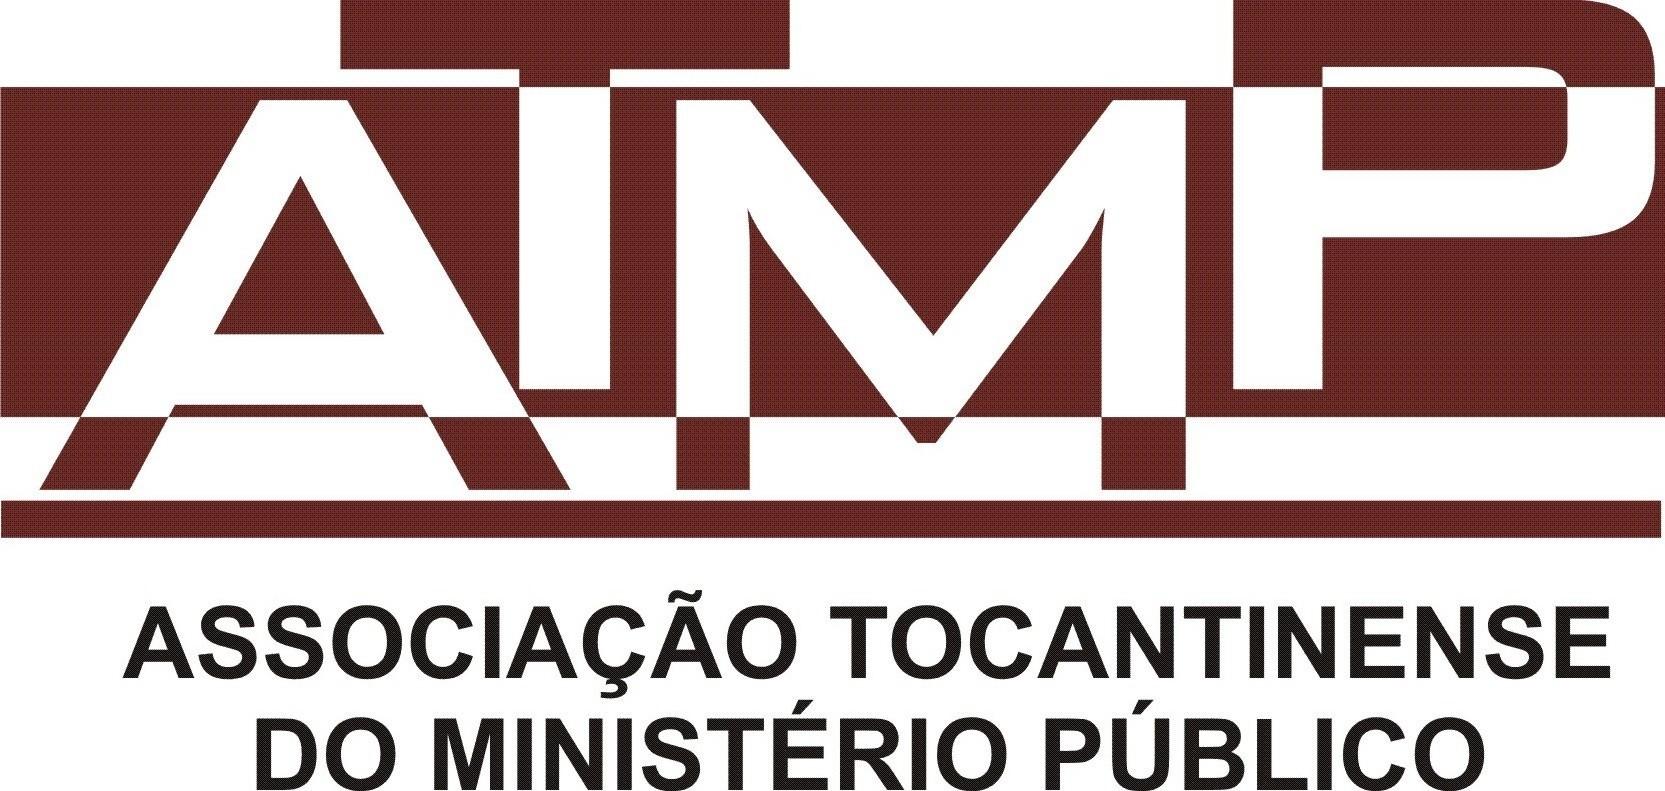 ATMP - ASSOCIAÇÃO TOCANTINENSE DO MINSTÉRIO PÚBLICO